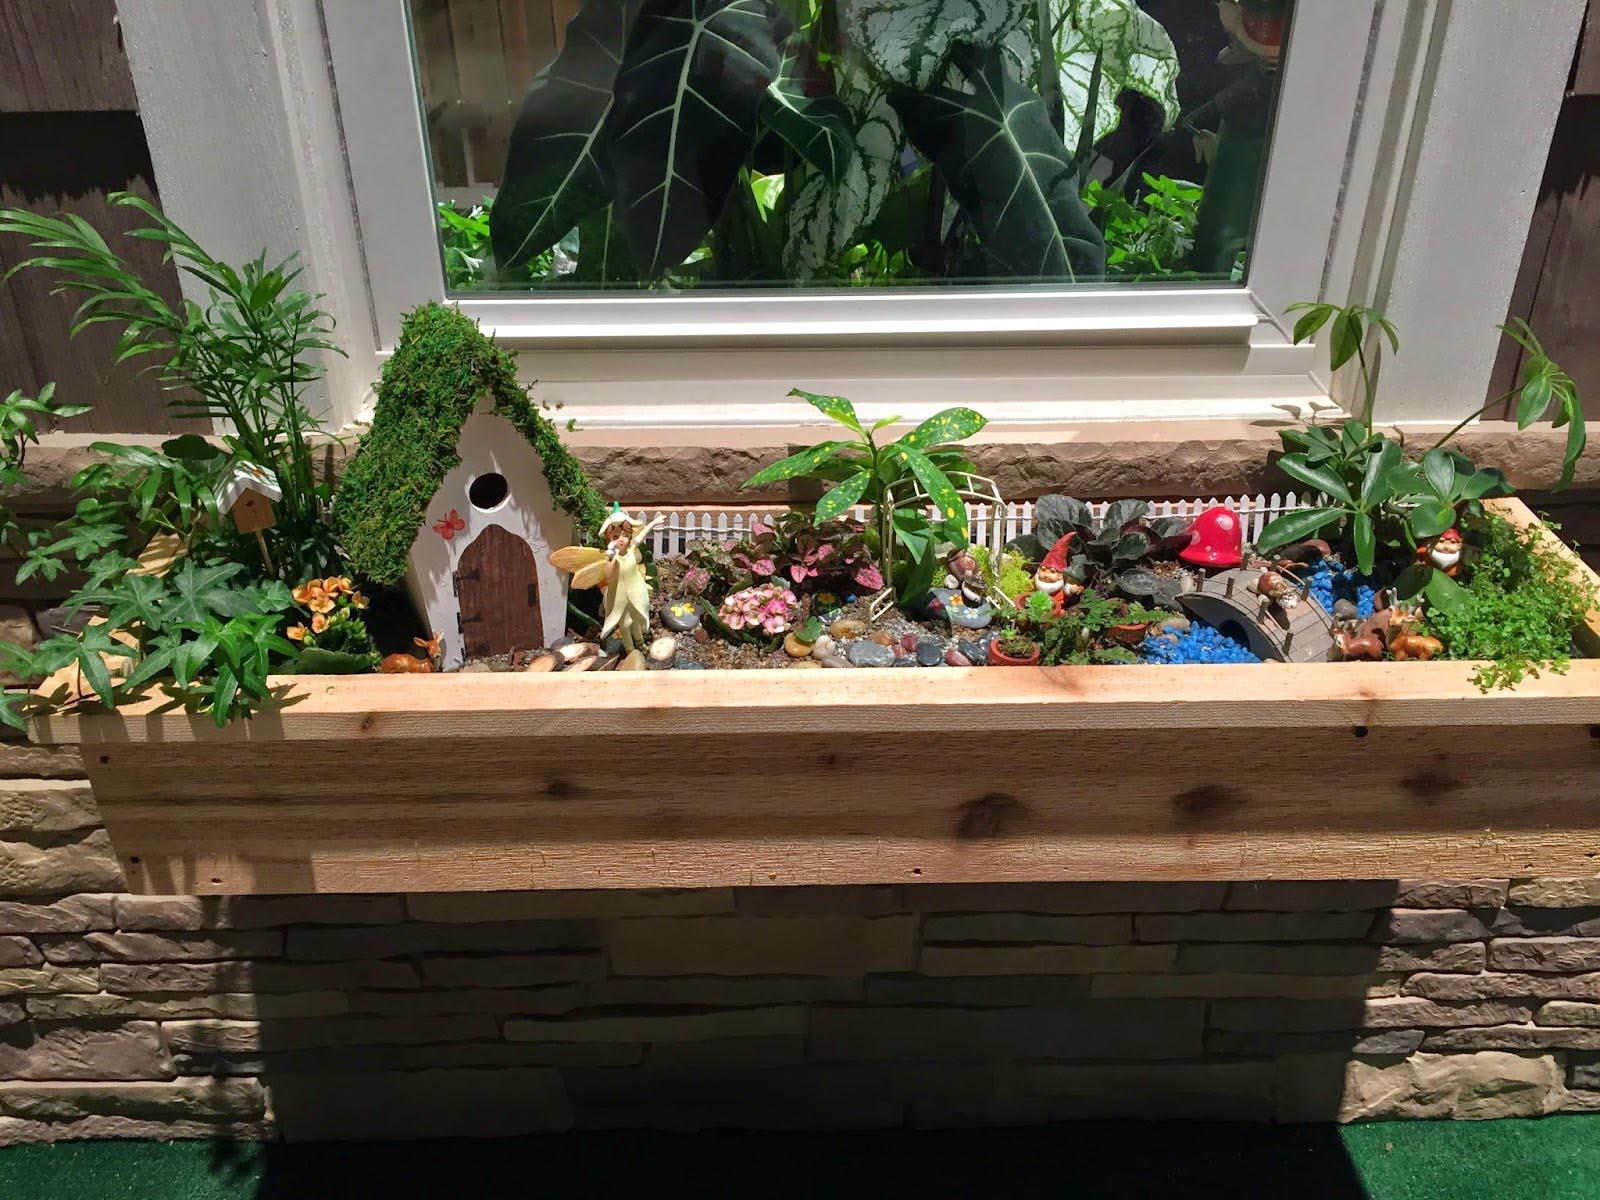 Fullsize Of Backyard Garden Planter Box